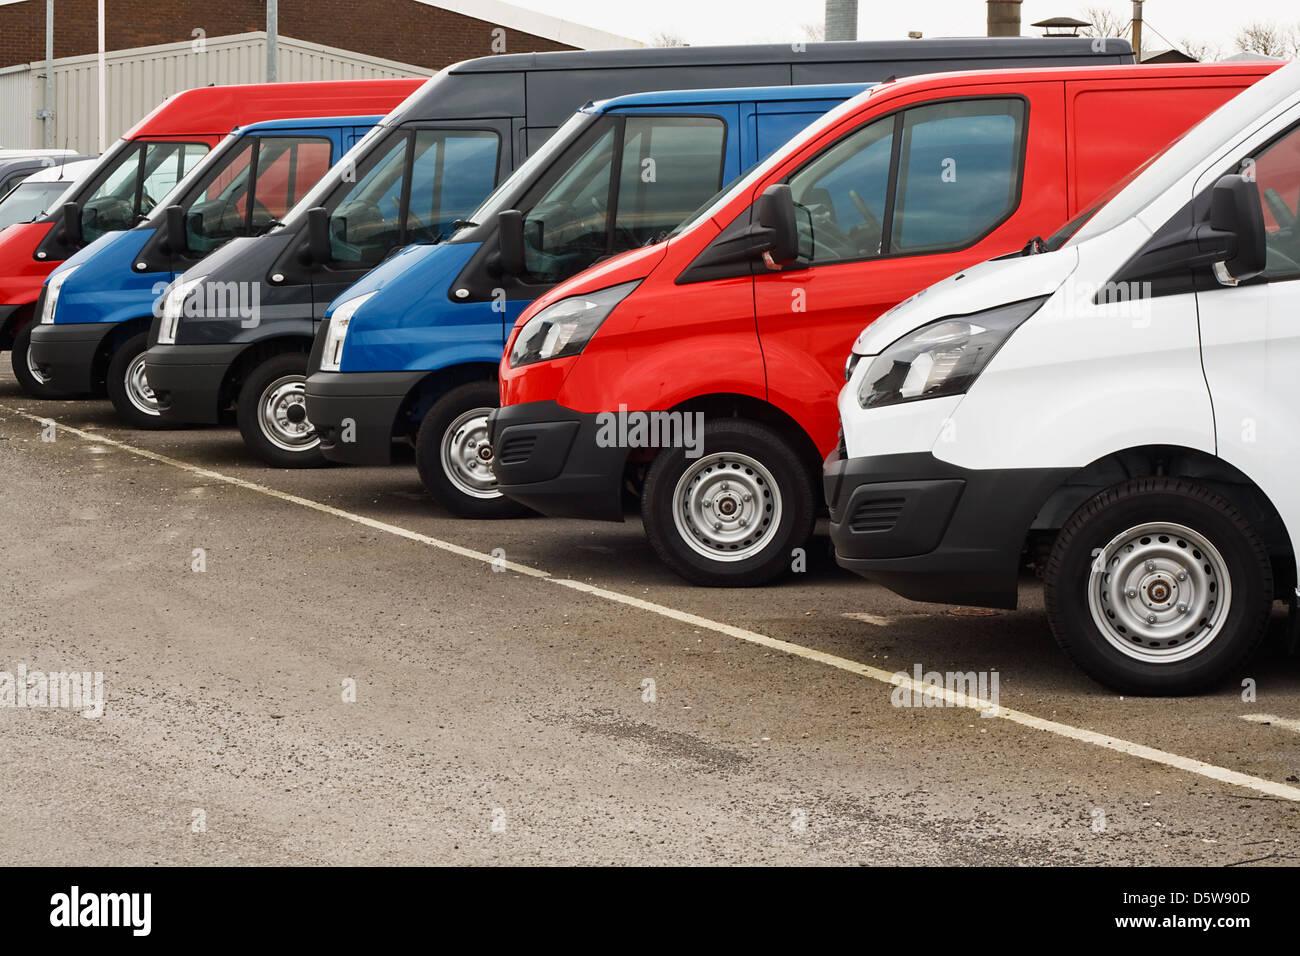 Fila de diferentes marcas de vehículos comerciales o camionetas para la venta al por menor en un motor concesionarios Imagen De Stock